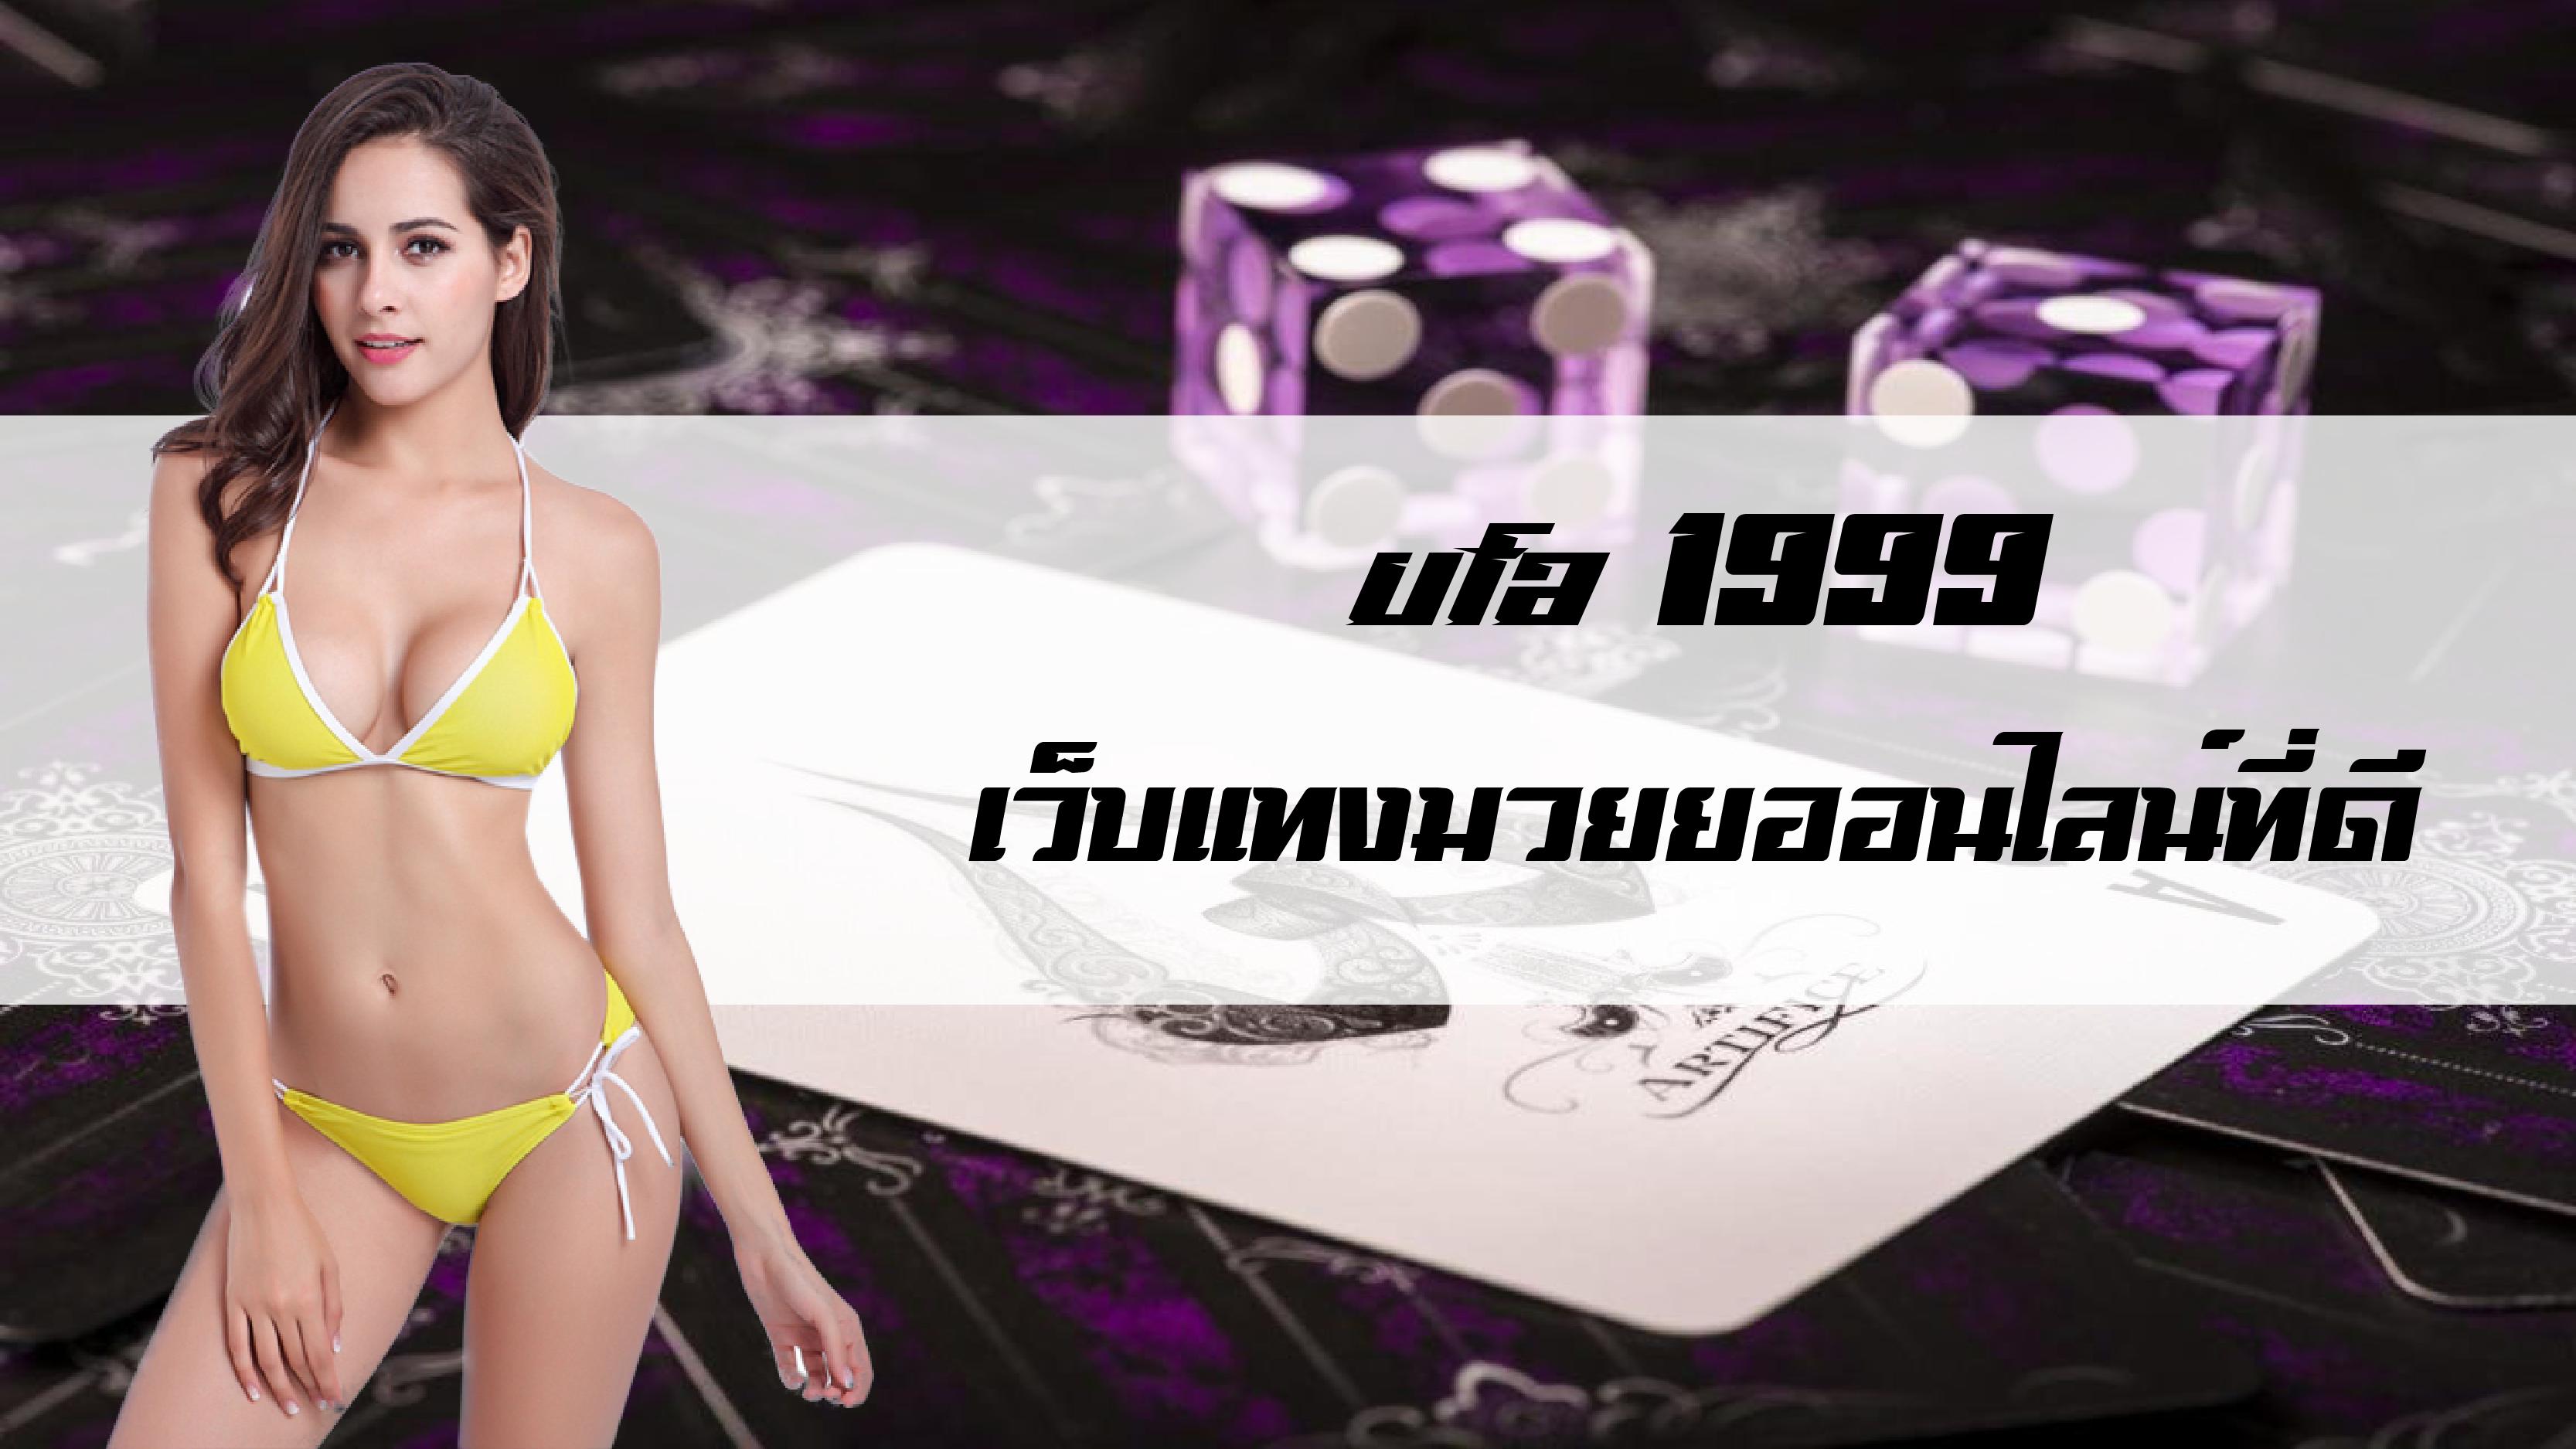 UFA1999 เว็บแทงมวยยออนไลน์ที่ดีที่สุด